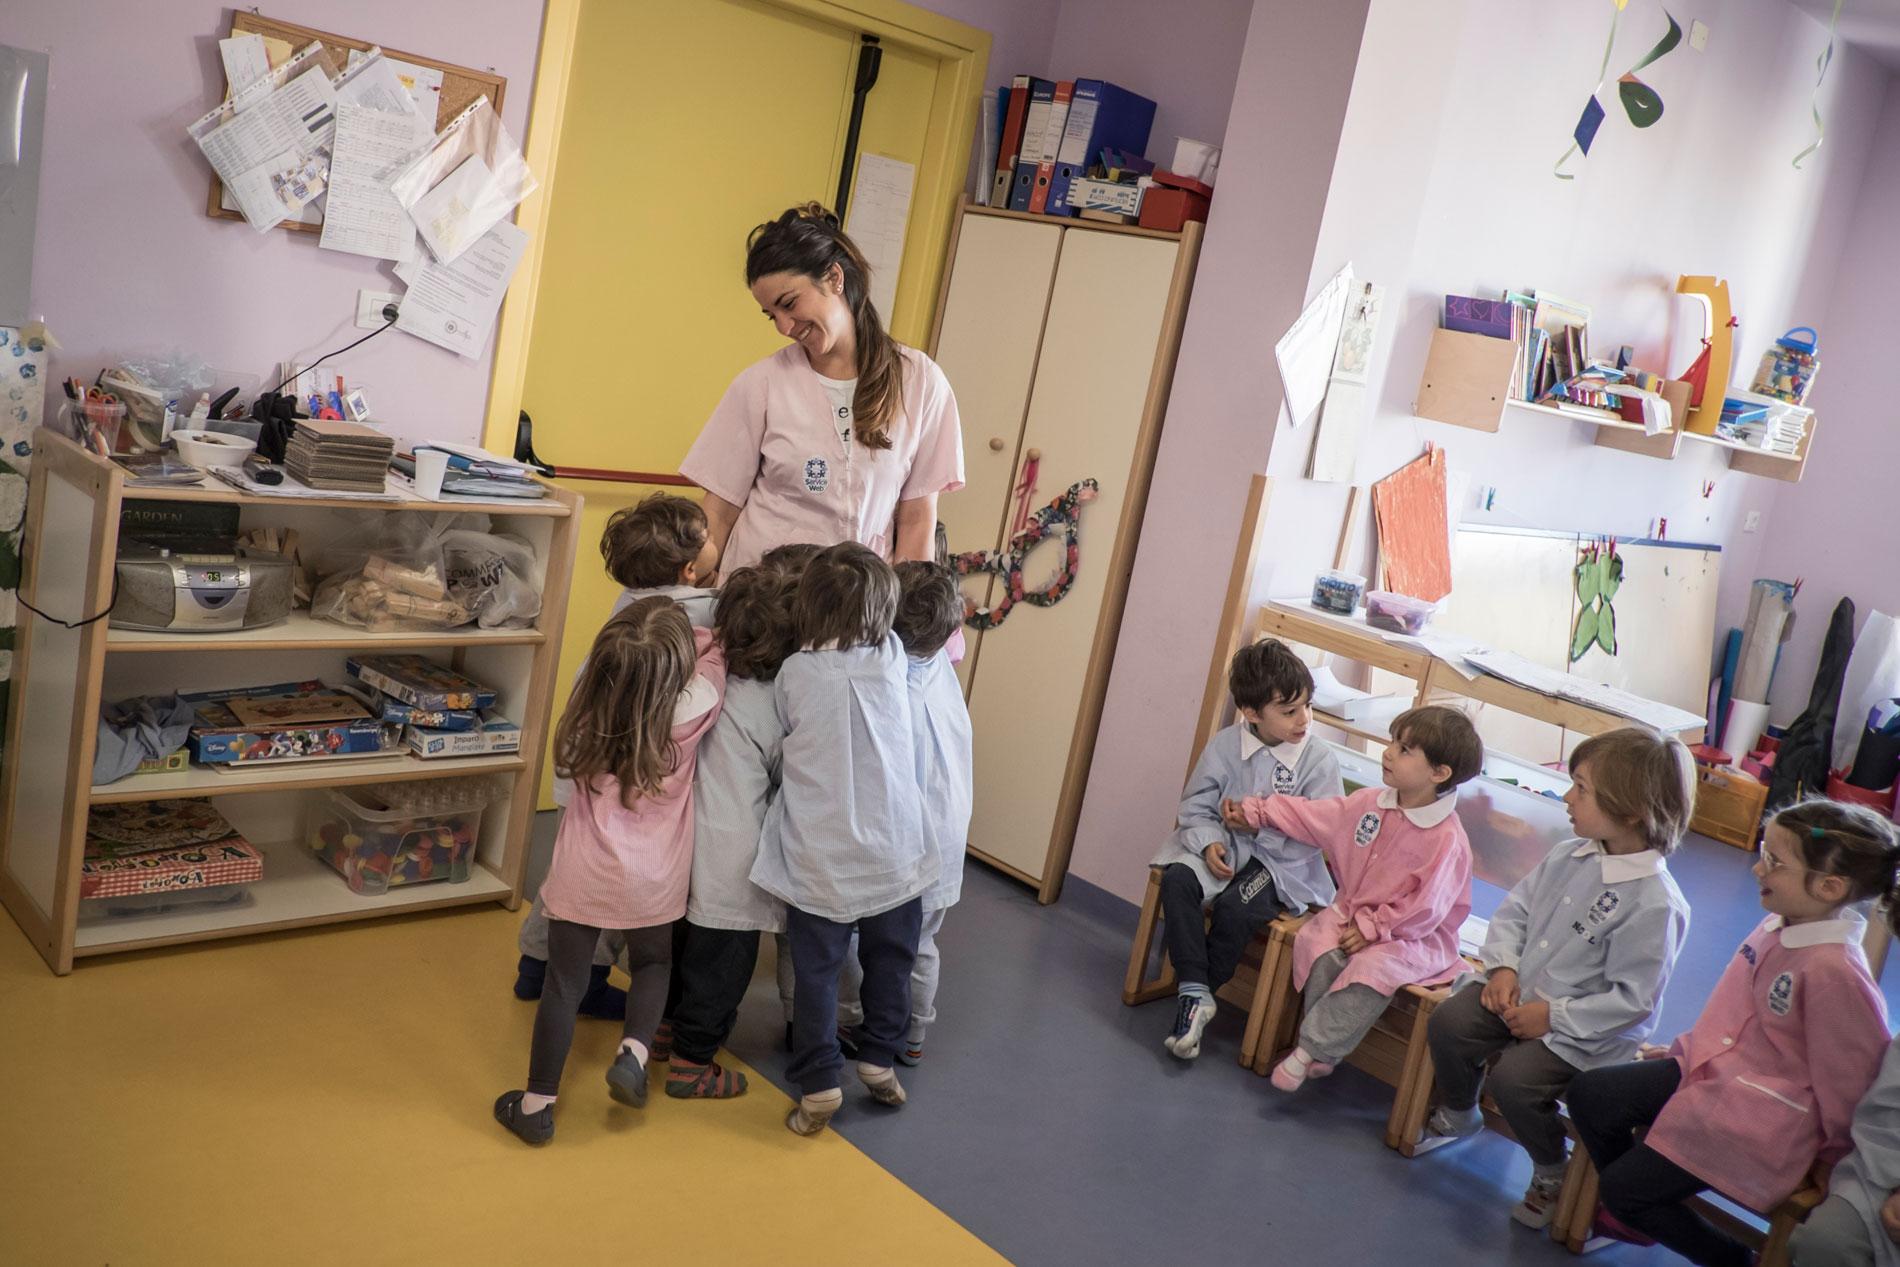 scuola-infanzia-piccolo-principe-foto-01